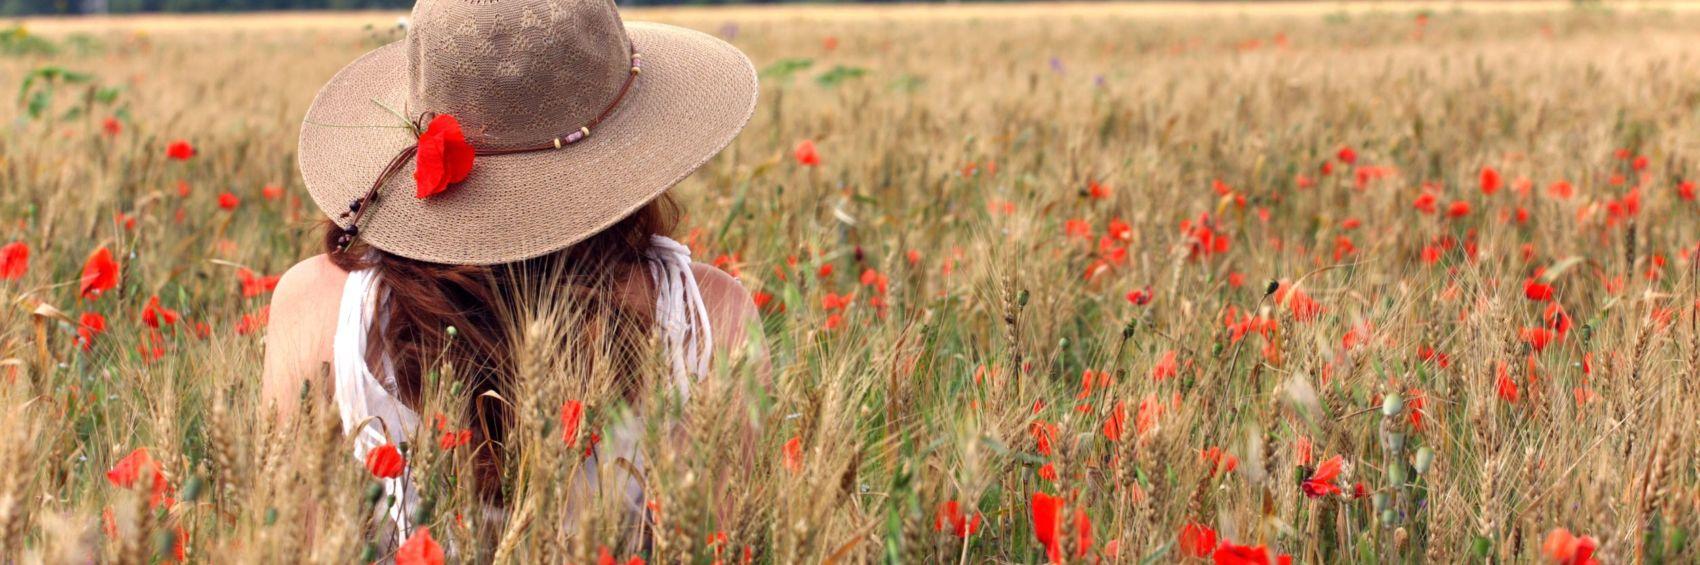 vrouw met hoed in veld